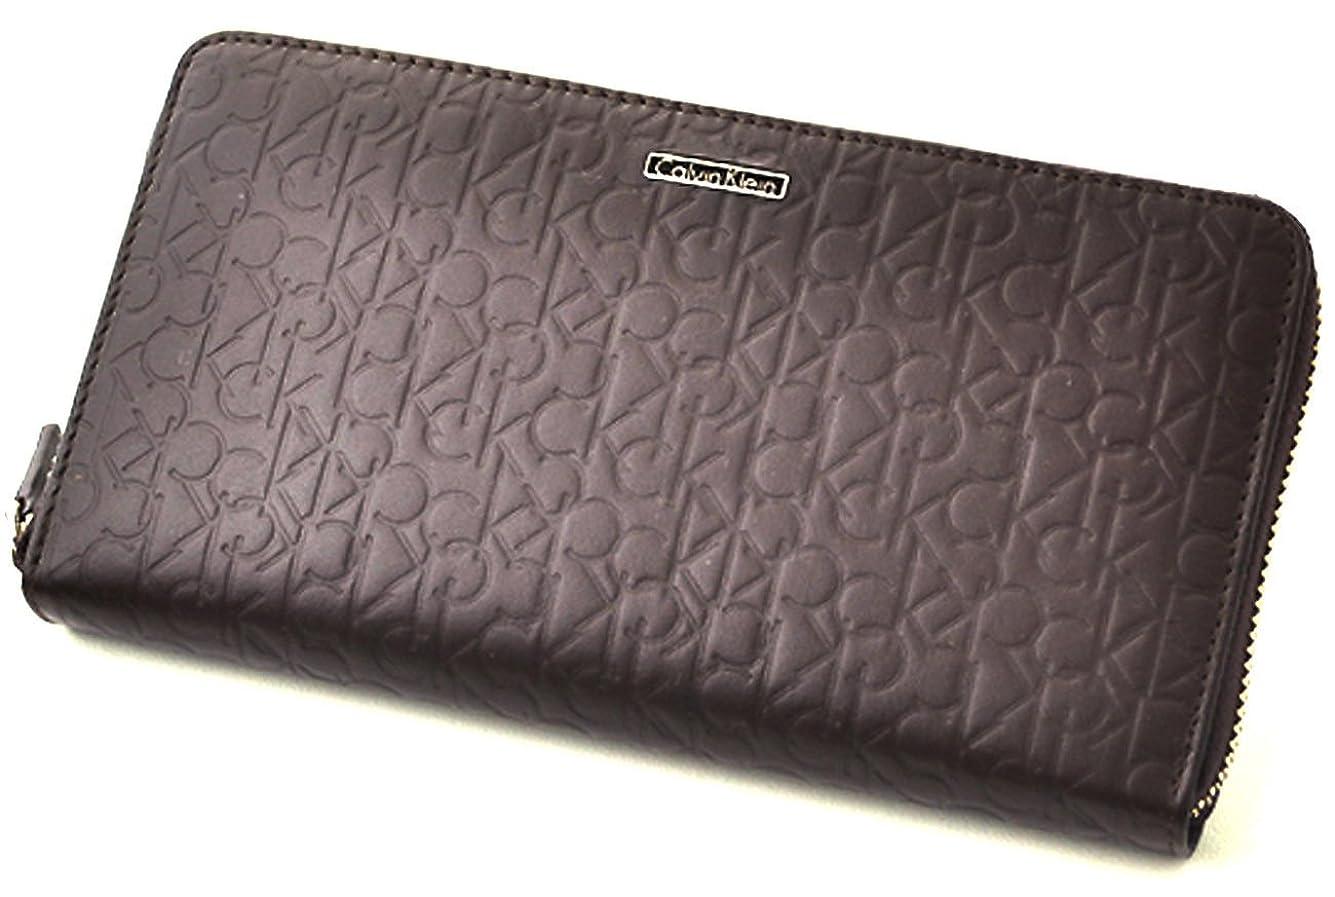 品種関税無限カルバンクライン Calvin Klein 長財布 メンズ ラウンドファスナー レザー ウォレット 小銭入れ付き 小物